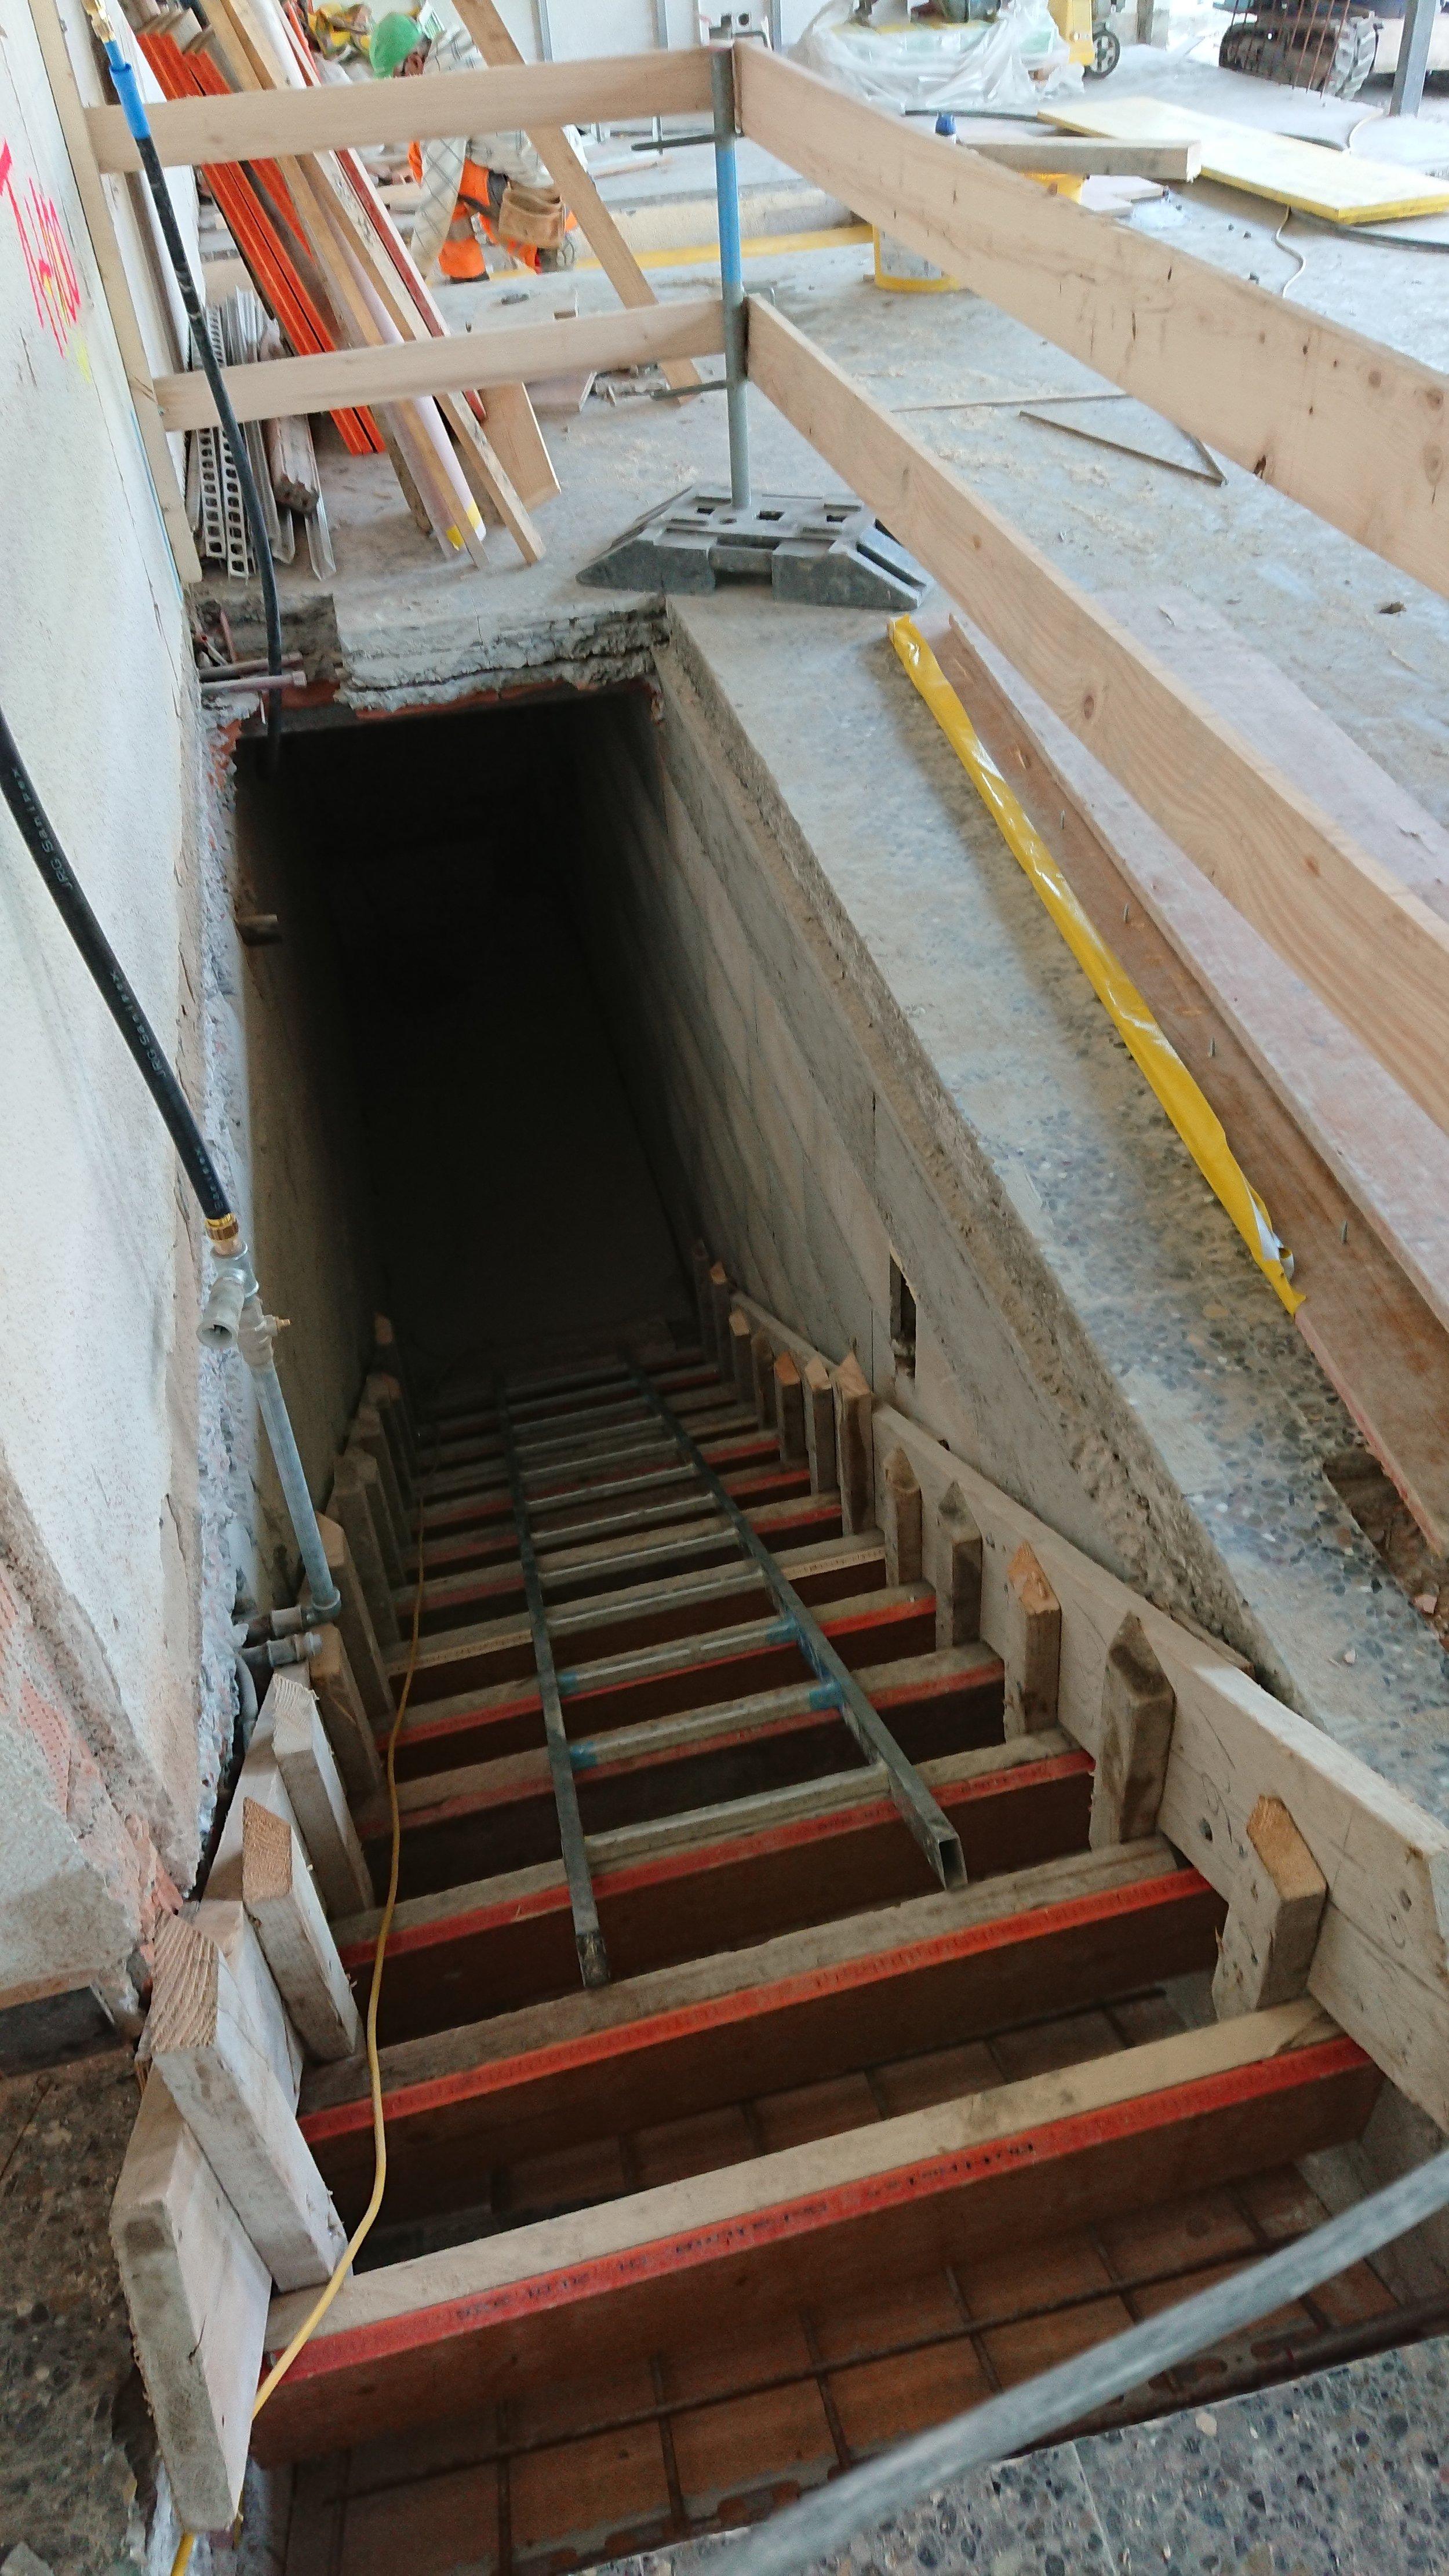 et un nouvel escalier apparaît